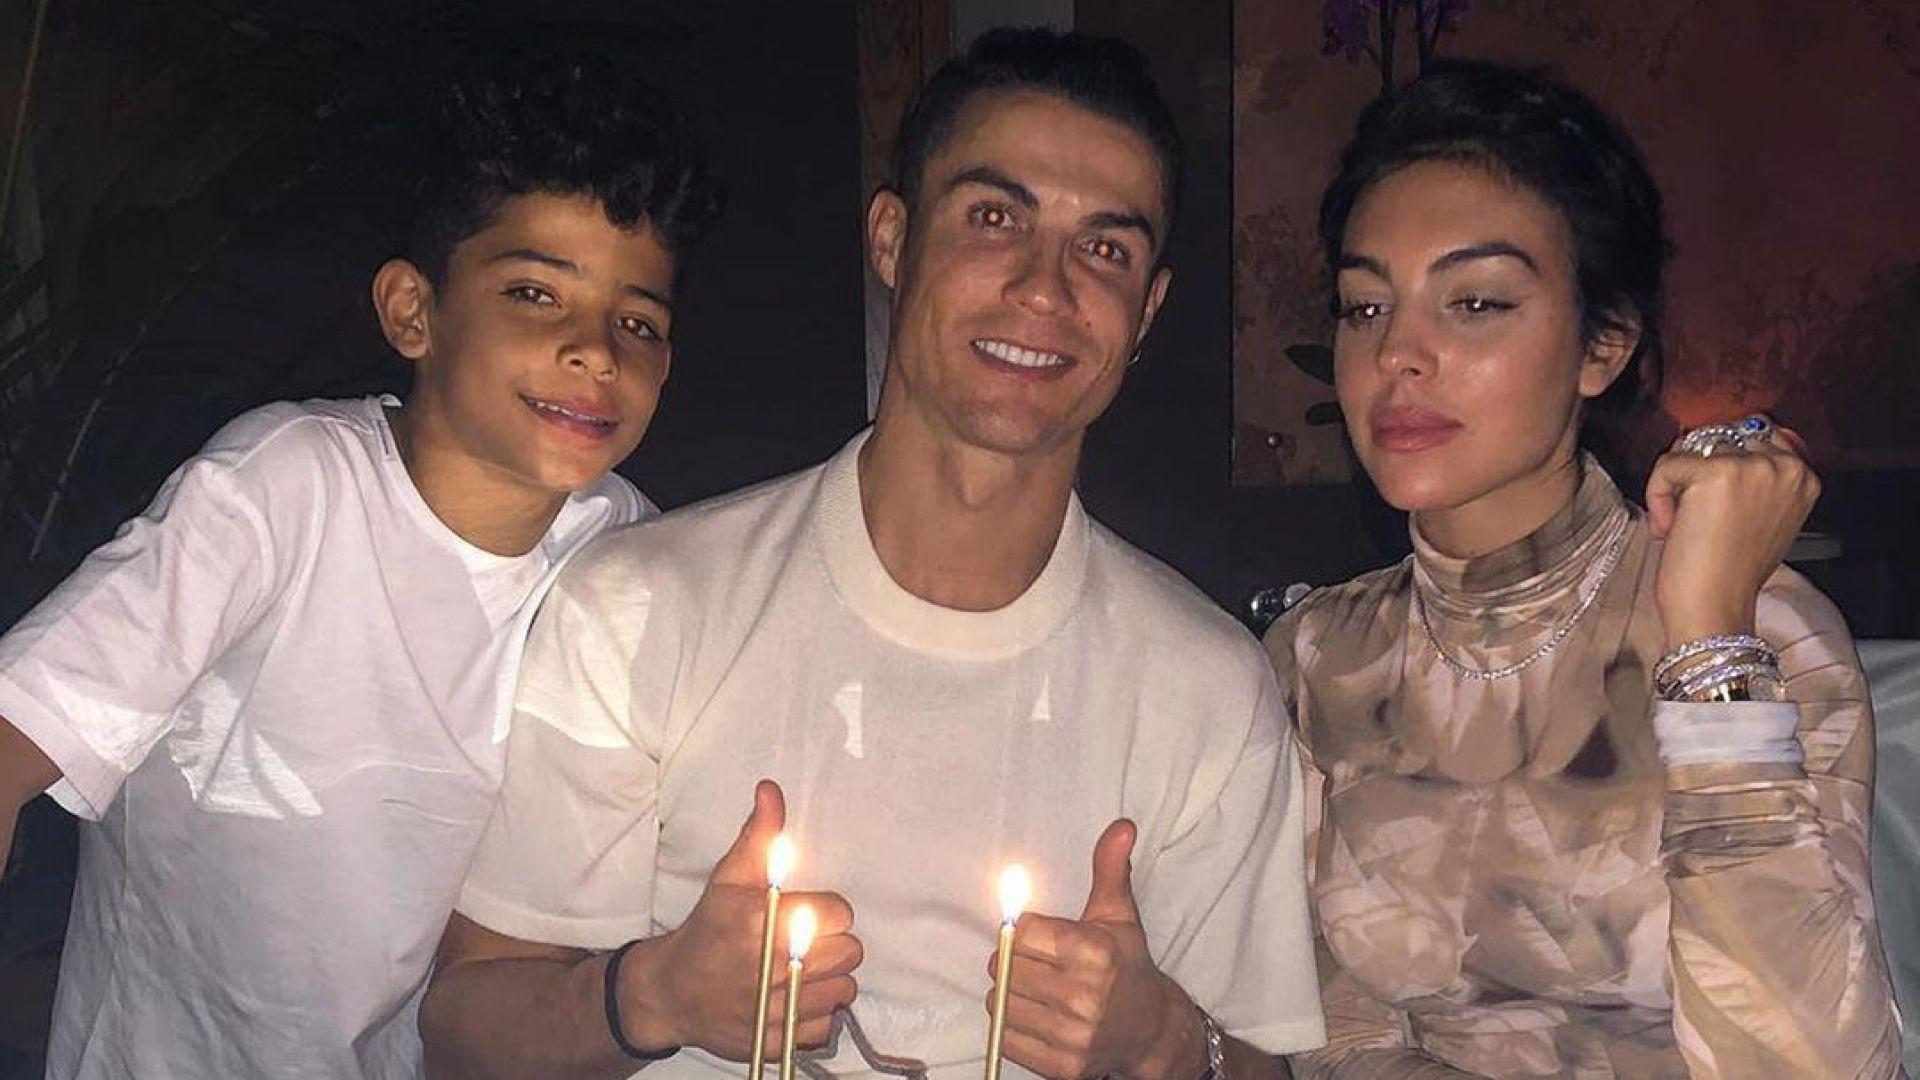 Медии нападнаха остро Кристиано след фотоси от парти в дома му